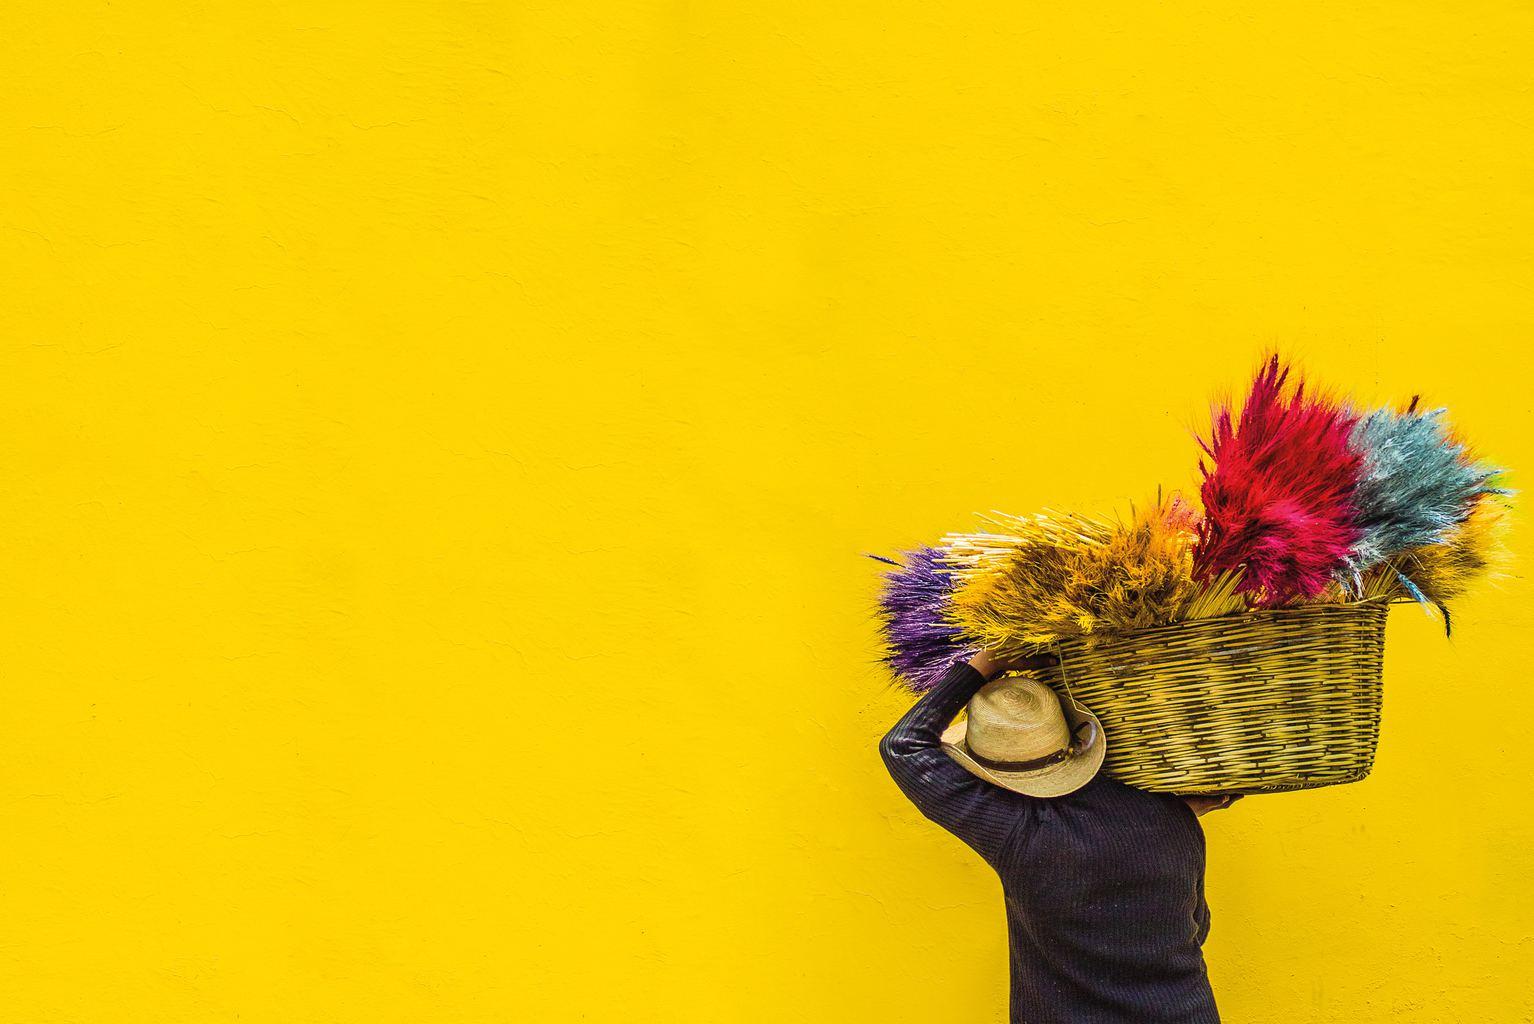 fotografía hombre y un muro amarillo